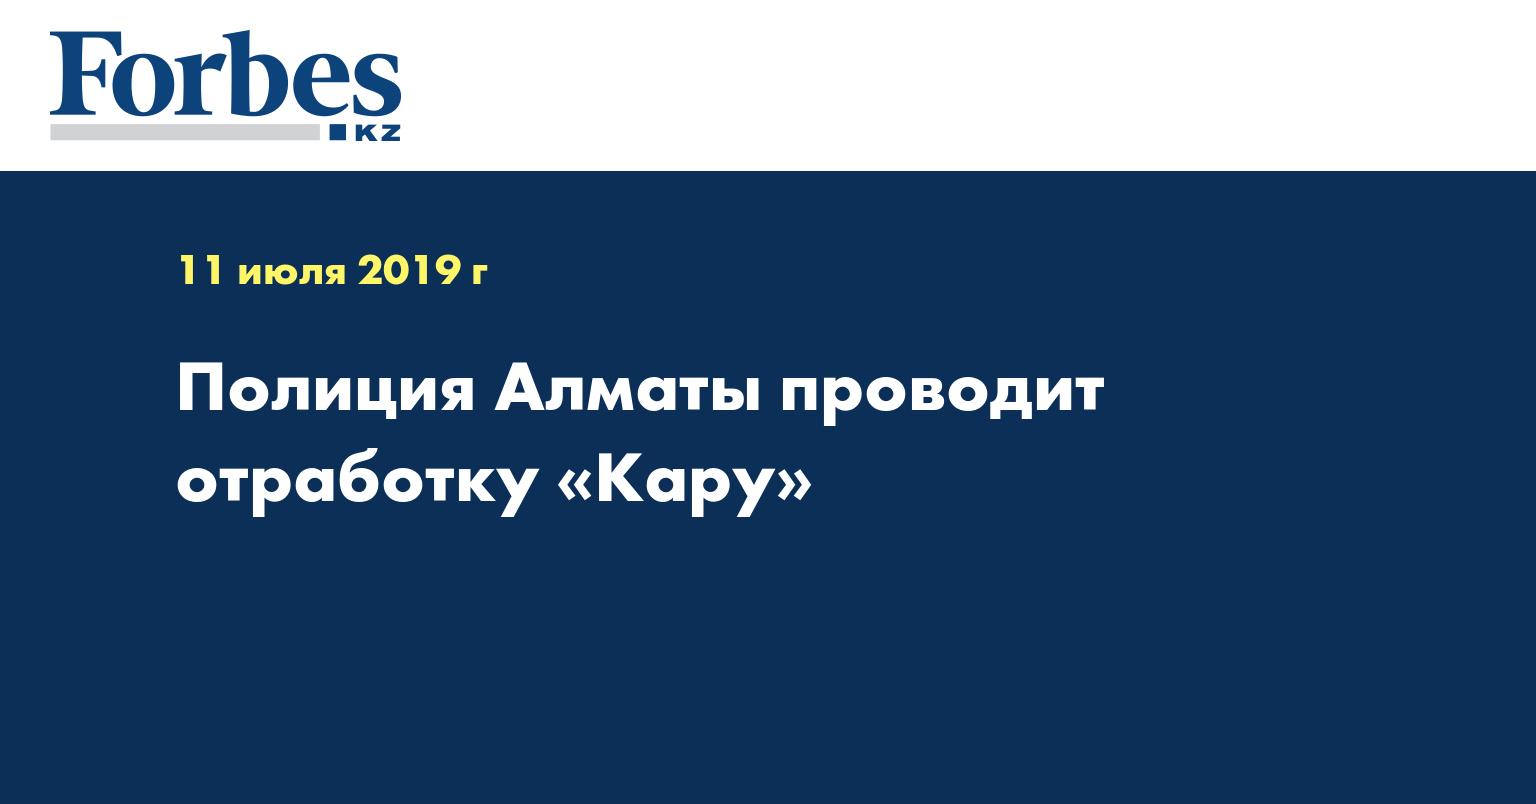 Полиция Алматы проводит отработку «Кару»